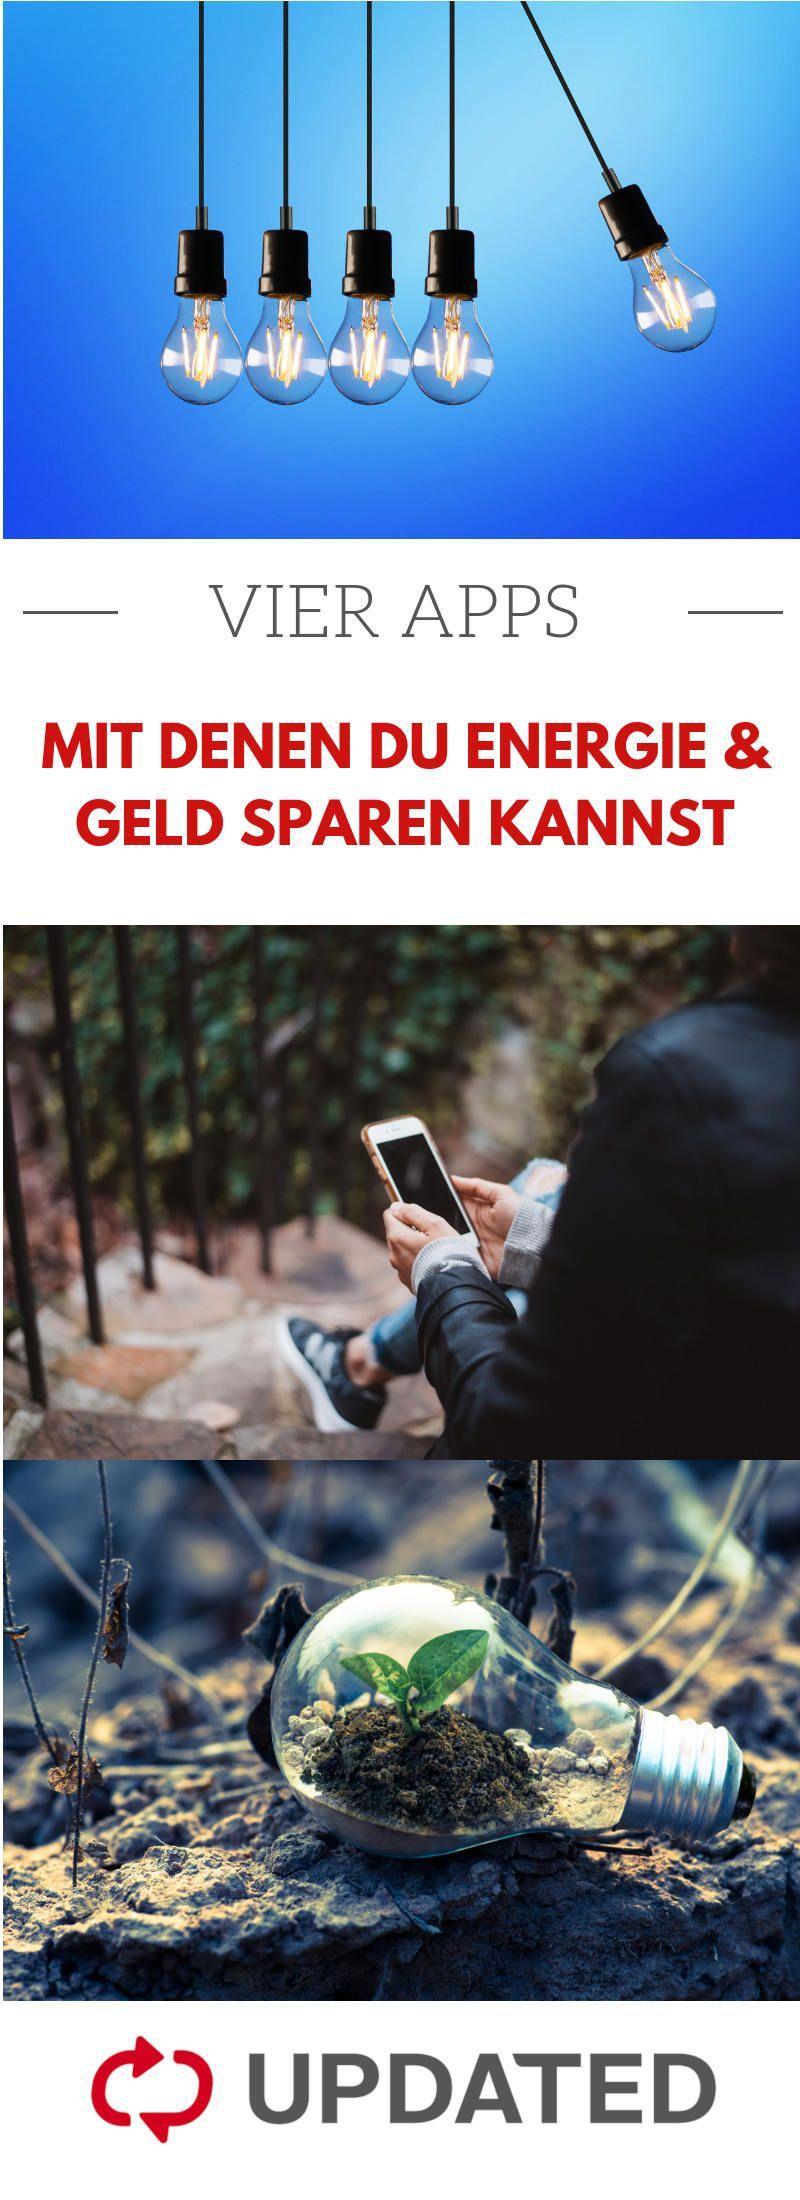 energie sparen ist nicht nur gut für die umwelt, sondern